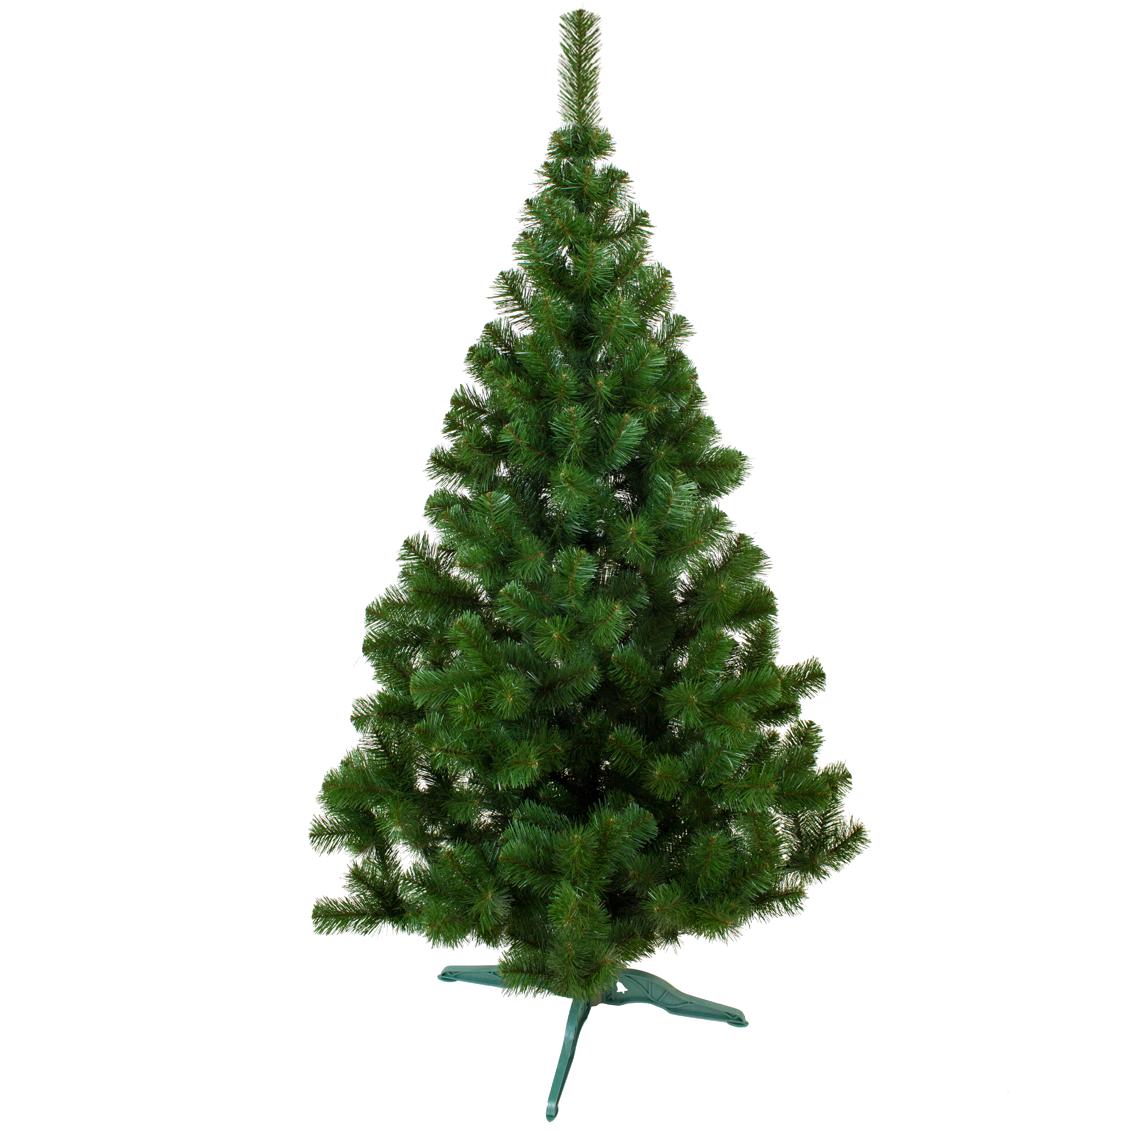 Новогодняя Ель 1.5 метра искусственная. Лесная  Елка ПВХ 1.5 м зеленая